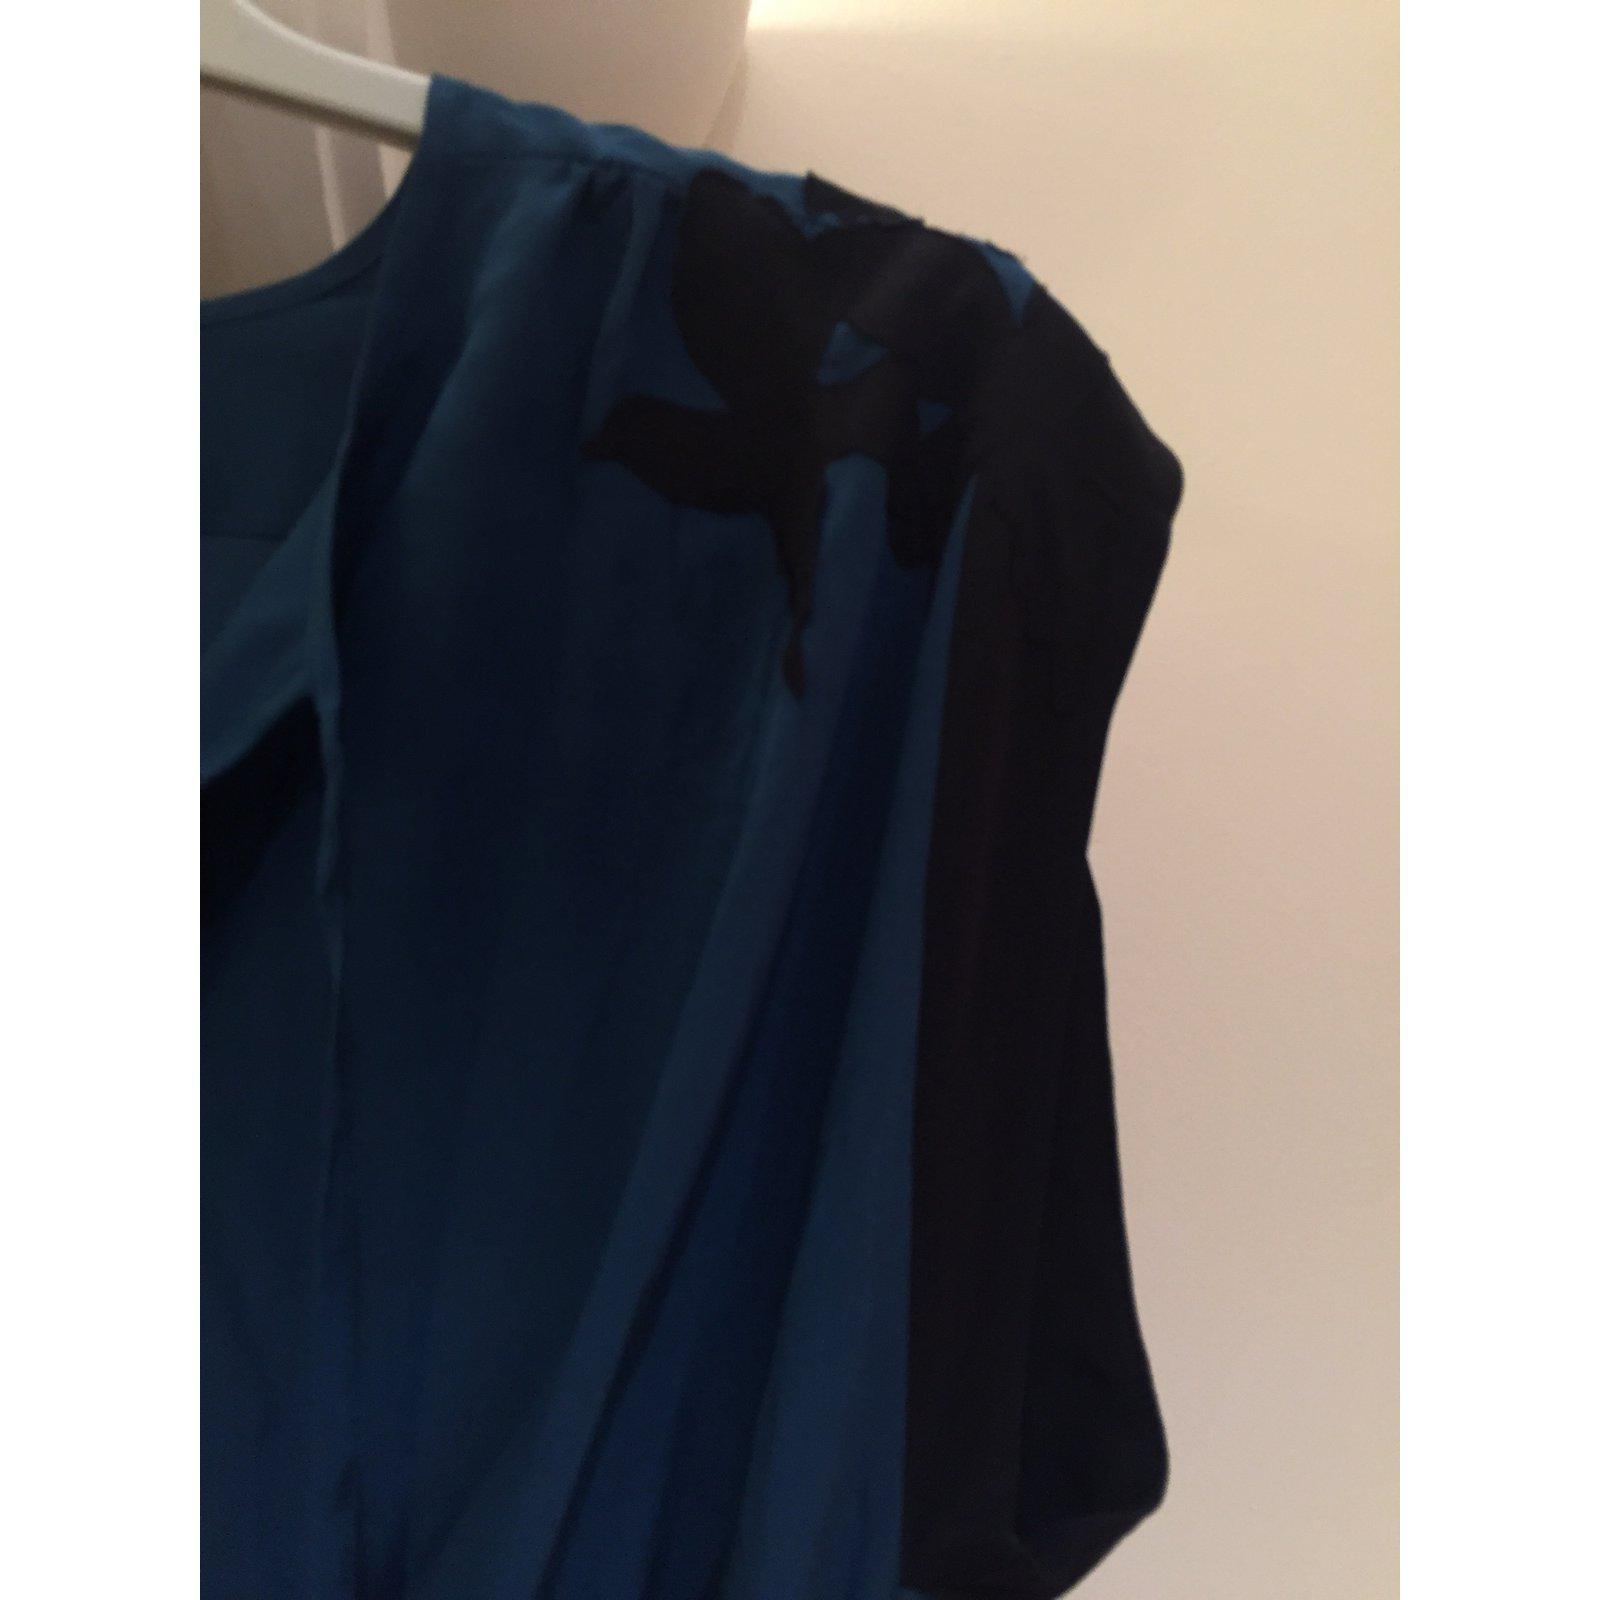 Robe bleue soie bel air